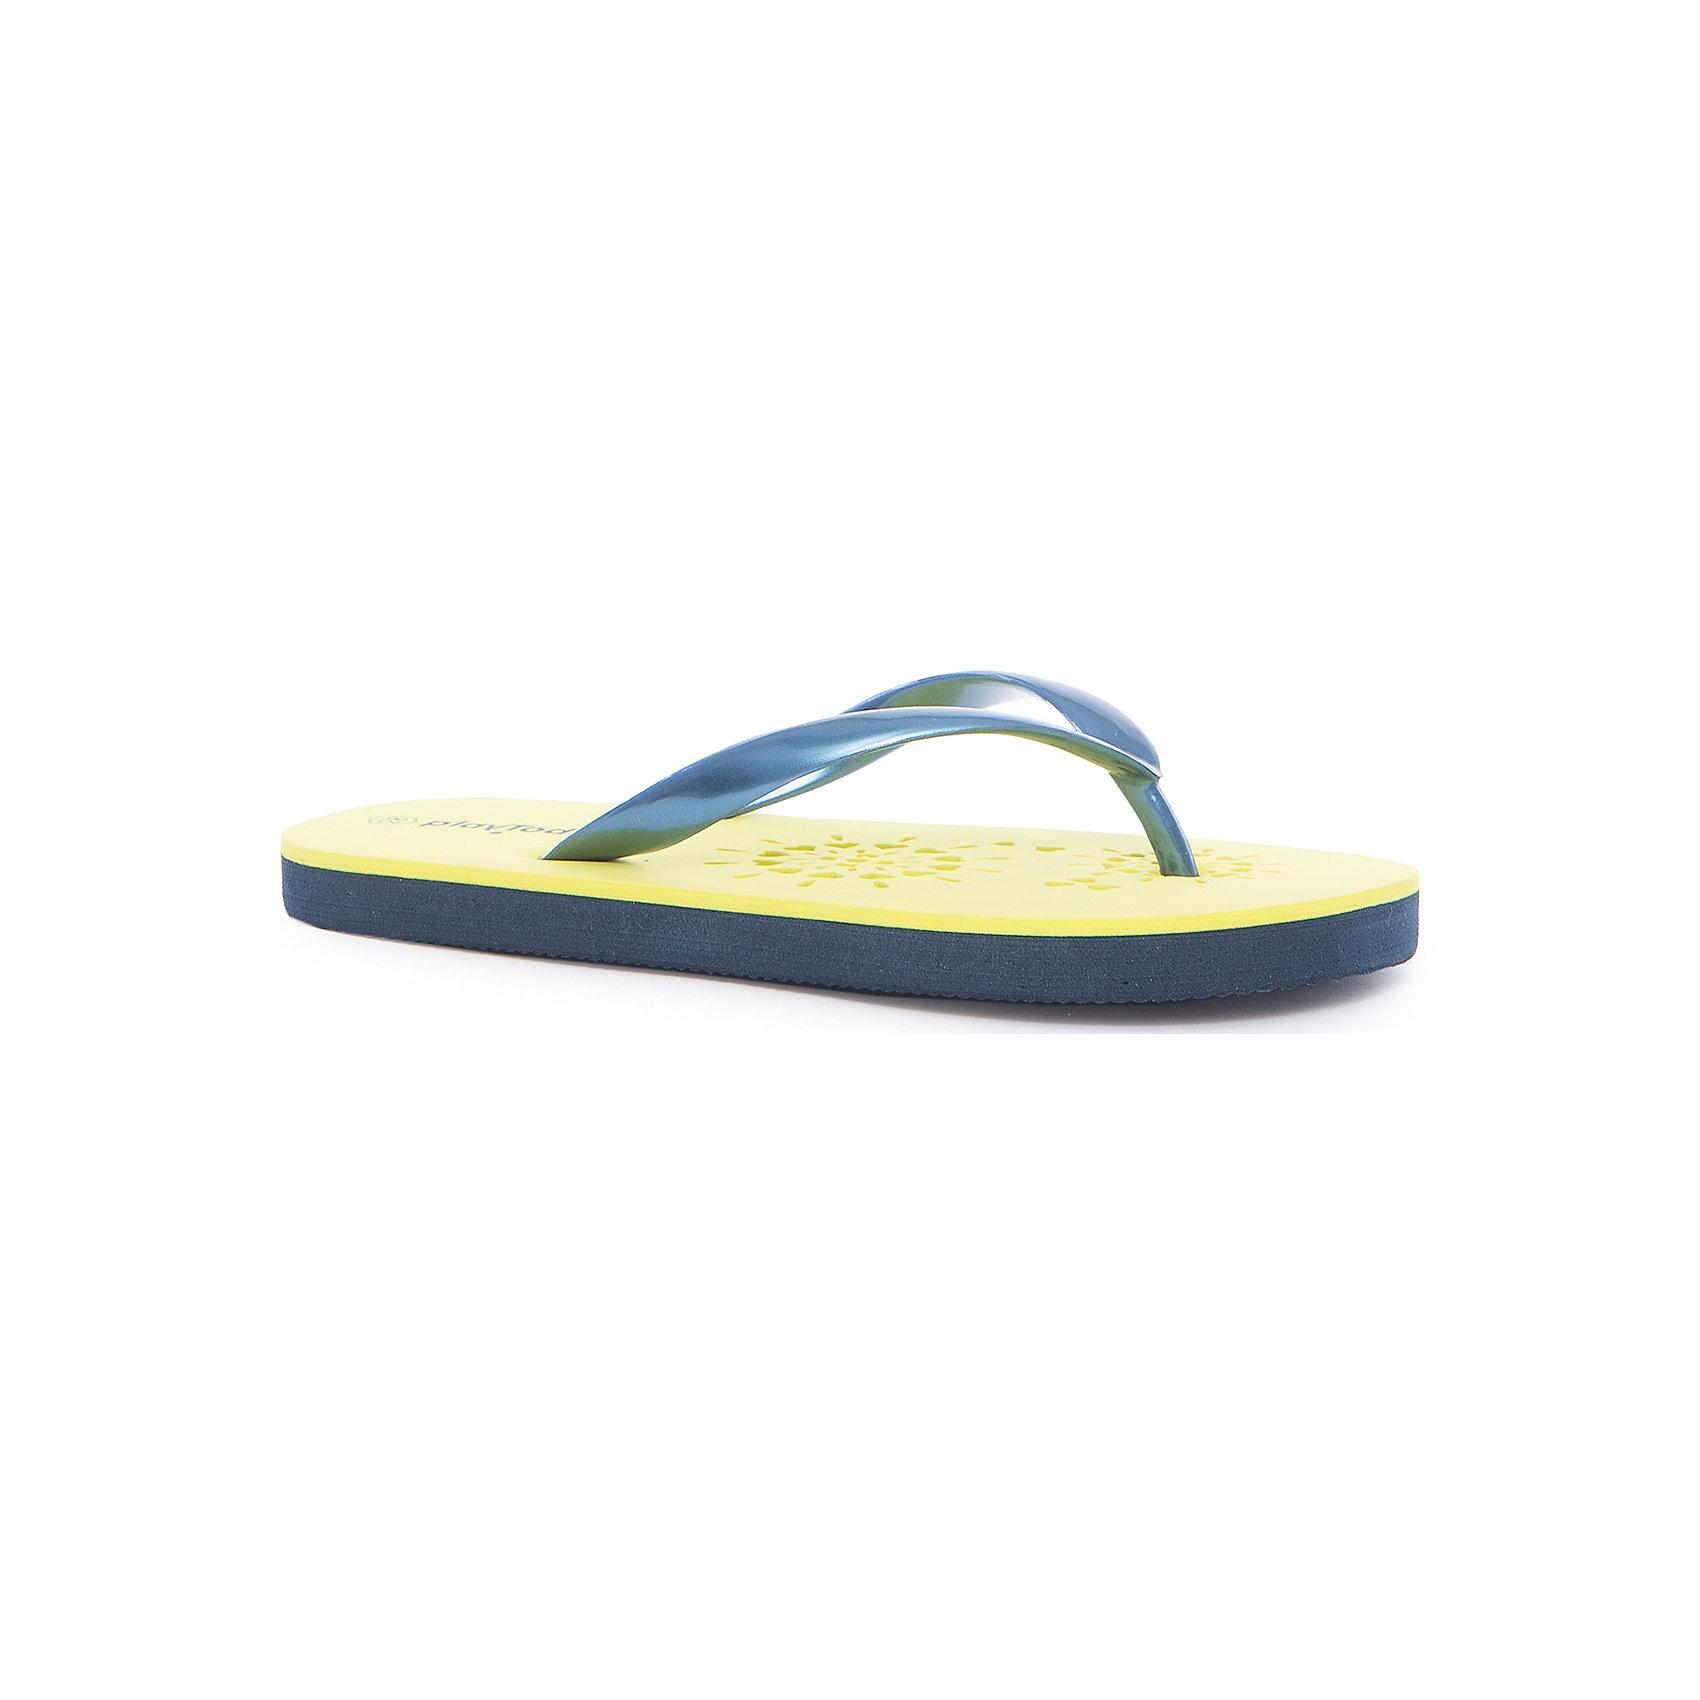 Шлепанцы для девочки PlayTodayПляжная обувь<br>Характеристики товара:<br><br>• цвет: разноцветный<br>• состав: этилвинилацетат<br>• стильный дизайн<br>• качественный материал<br>• устойчивая подошва<br>• легкие<br>• комфортная посадка<br>• коллекция: весна-лето 2017<br>• страна бренда: Германия<br>• страна производства: Китай<br><br>Популярный бренд PlayToday выпустил новую коллекцию! Вещи из неё продолжают радовать покупателей удобством, стильным дизайном и продуманным кроем. Дети носят их с удовольствием. PlayToday - это линейка товаров, созданная специально для детей. Дизайнеры учитывают новые веяния моды и потребности детей. Порадуйте ребенка обновкой от проверенного производителя!<br>Эти пантолеты обеспечат ребенку комфорт благодаря качественному материалу и удобной форме. Они удобно сидят, не сковывают движения - отличный вариант обуви для детей. Не натирают, позволяют коже дышать.<br><br>Пантолеты для девочки от известного бренда PlayToday можно купить в нашем интернет-магазине.<br><br>Ширина мм: 225<br>Глубина мм: 139<br>Высота мм: 112<br>Вес г: 290<br>Цвет: белый<br>Возраст от месяцев: 120<br>Возраст до месяцев: 132<br>Пол: Женский<br>Возраст: Детский<br>Размер: 34,28,29,30,31,32,33<br>SKU: 5404619